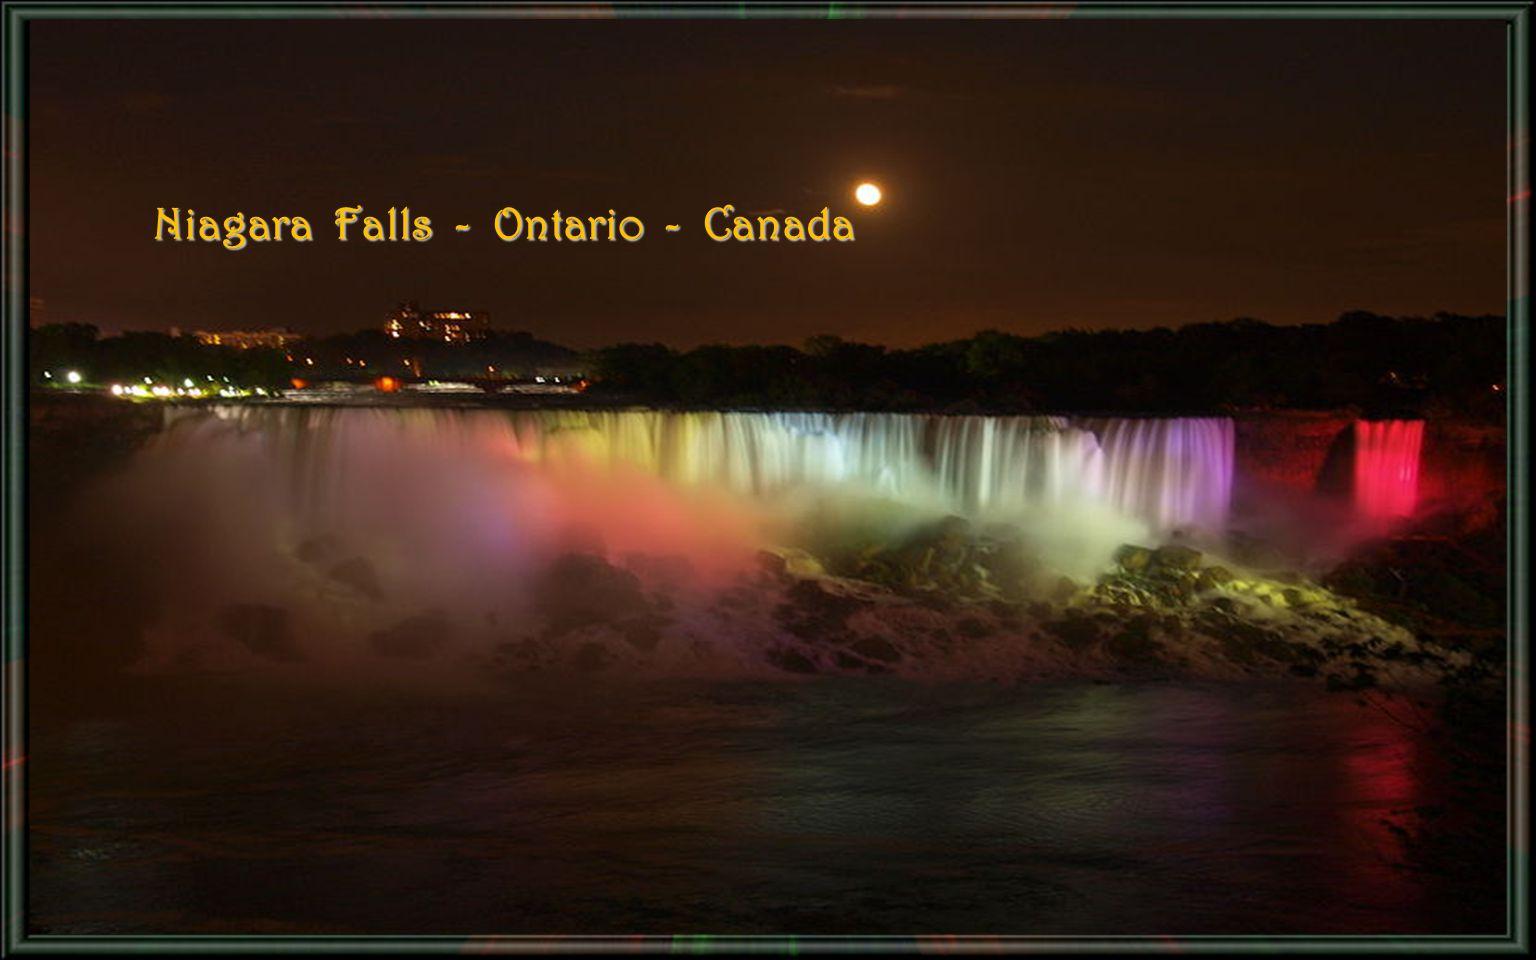 Niagara Falls - Ontario - Canada